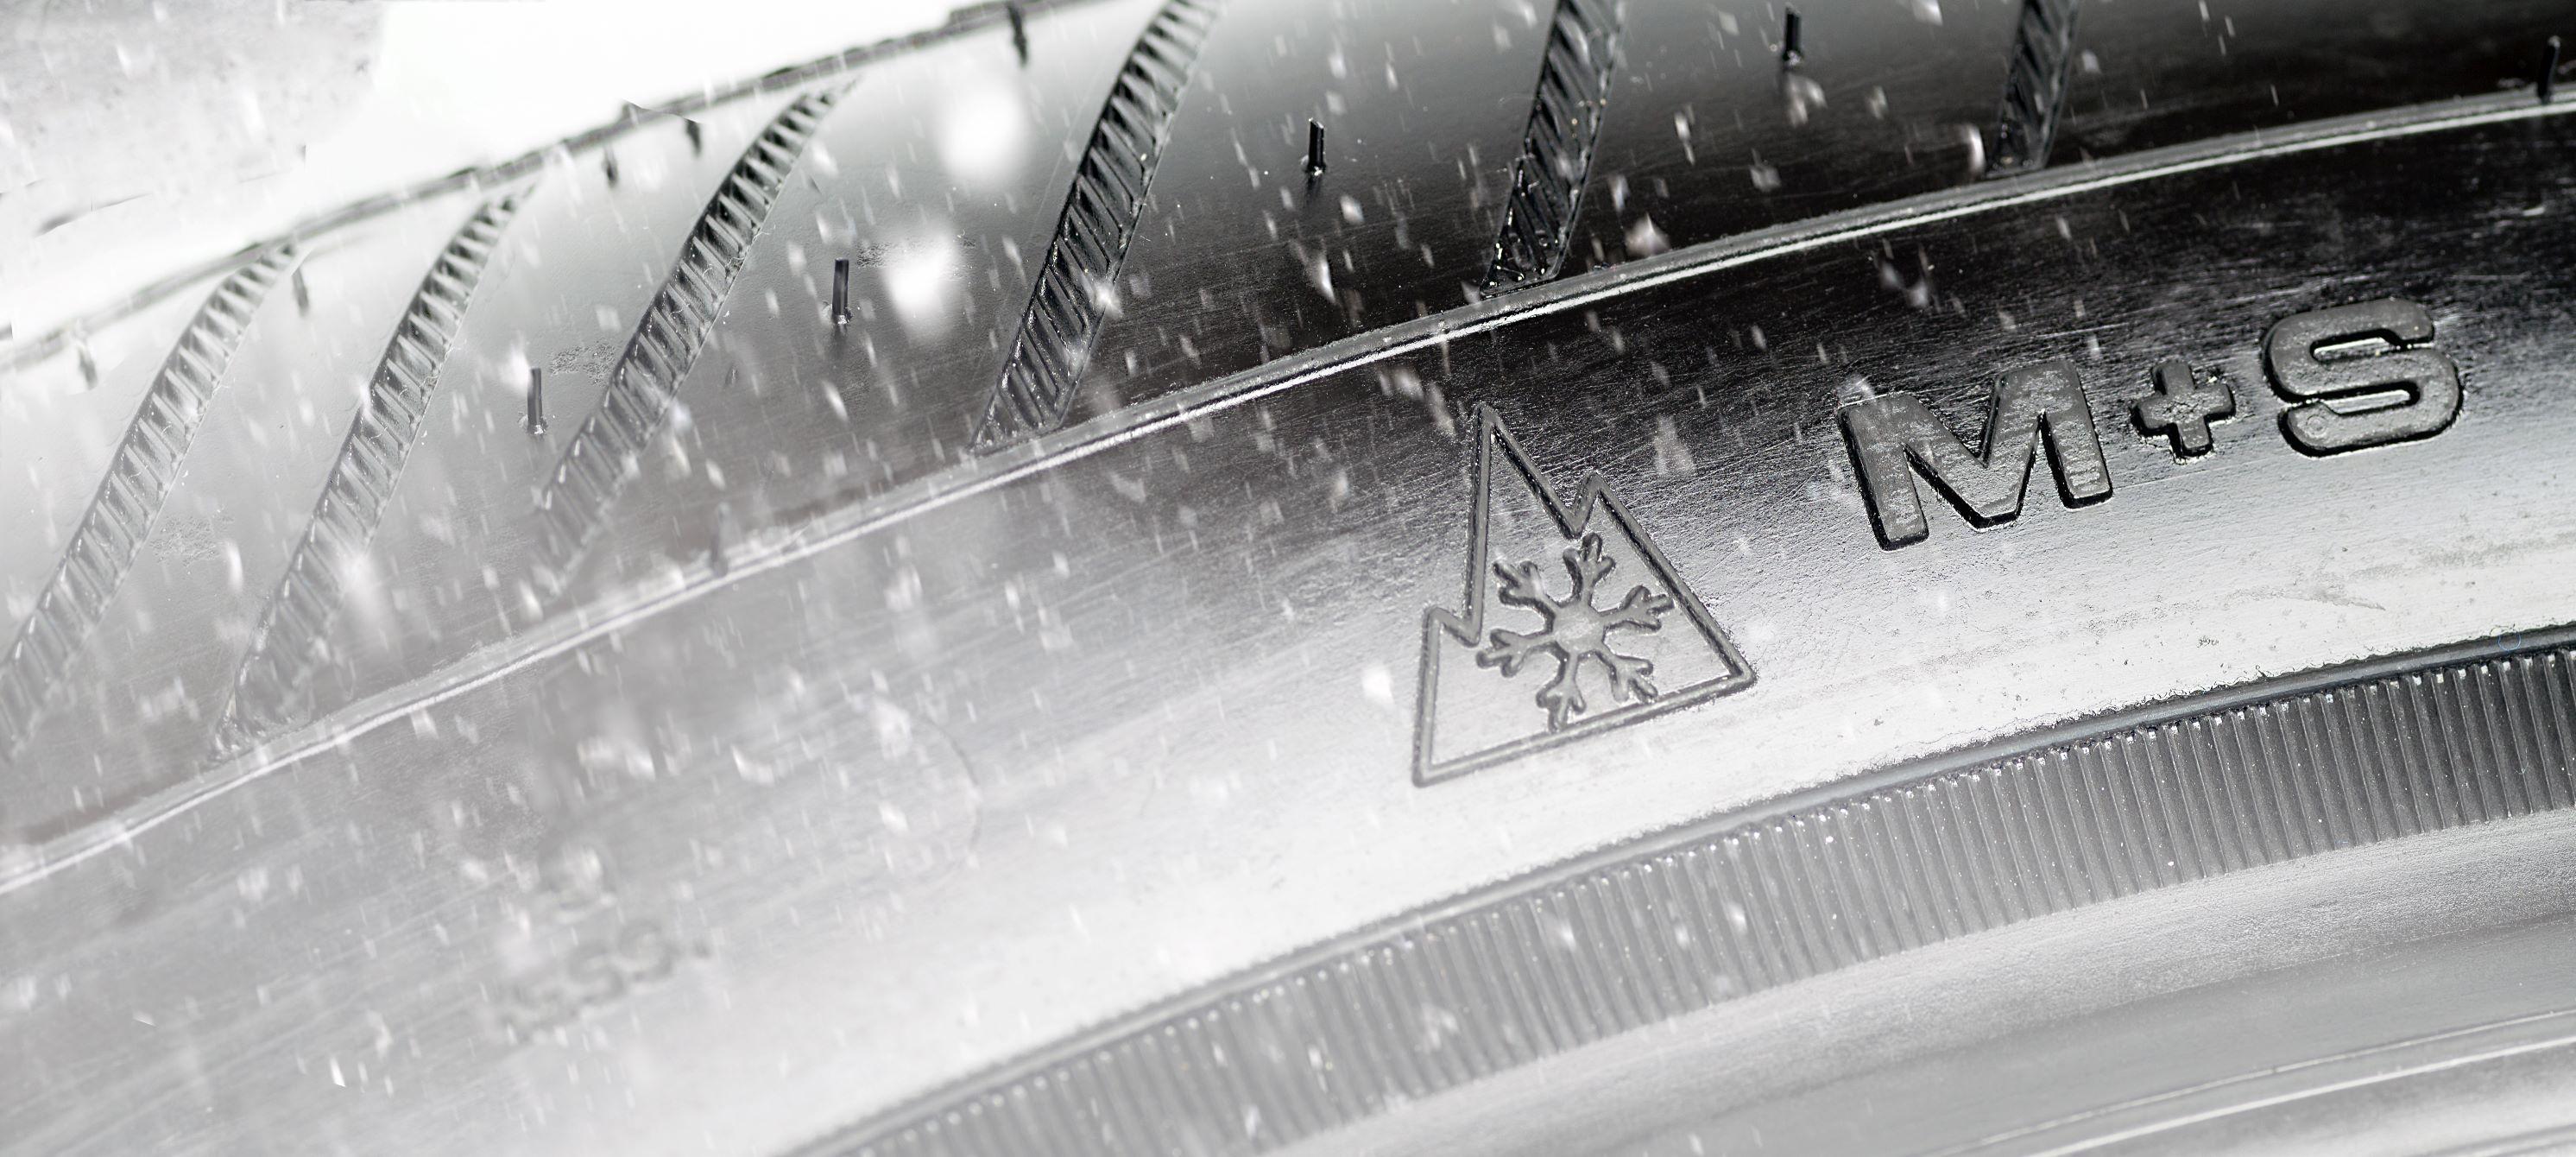 Značení zimních pneu, Alpský symbol, sněhová vločka